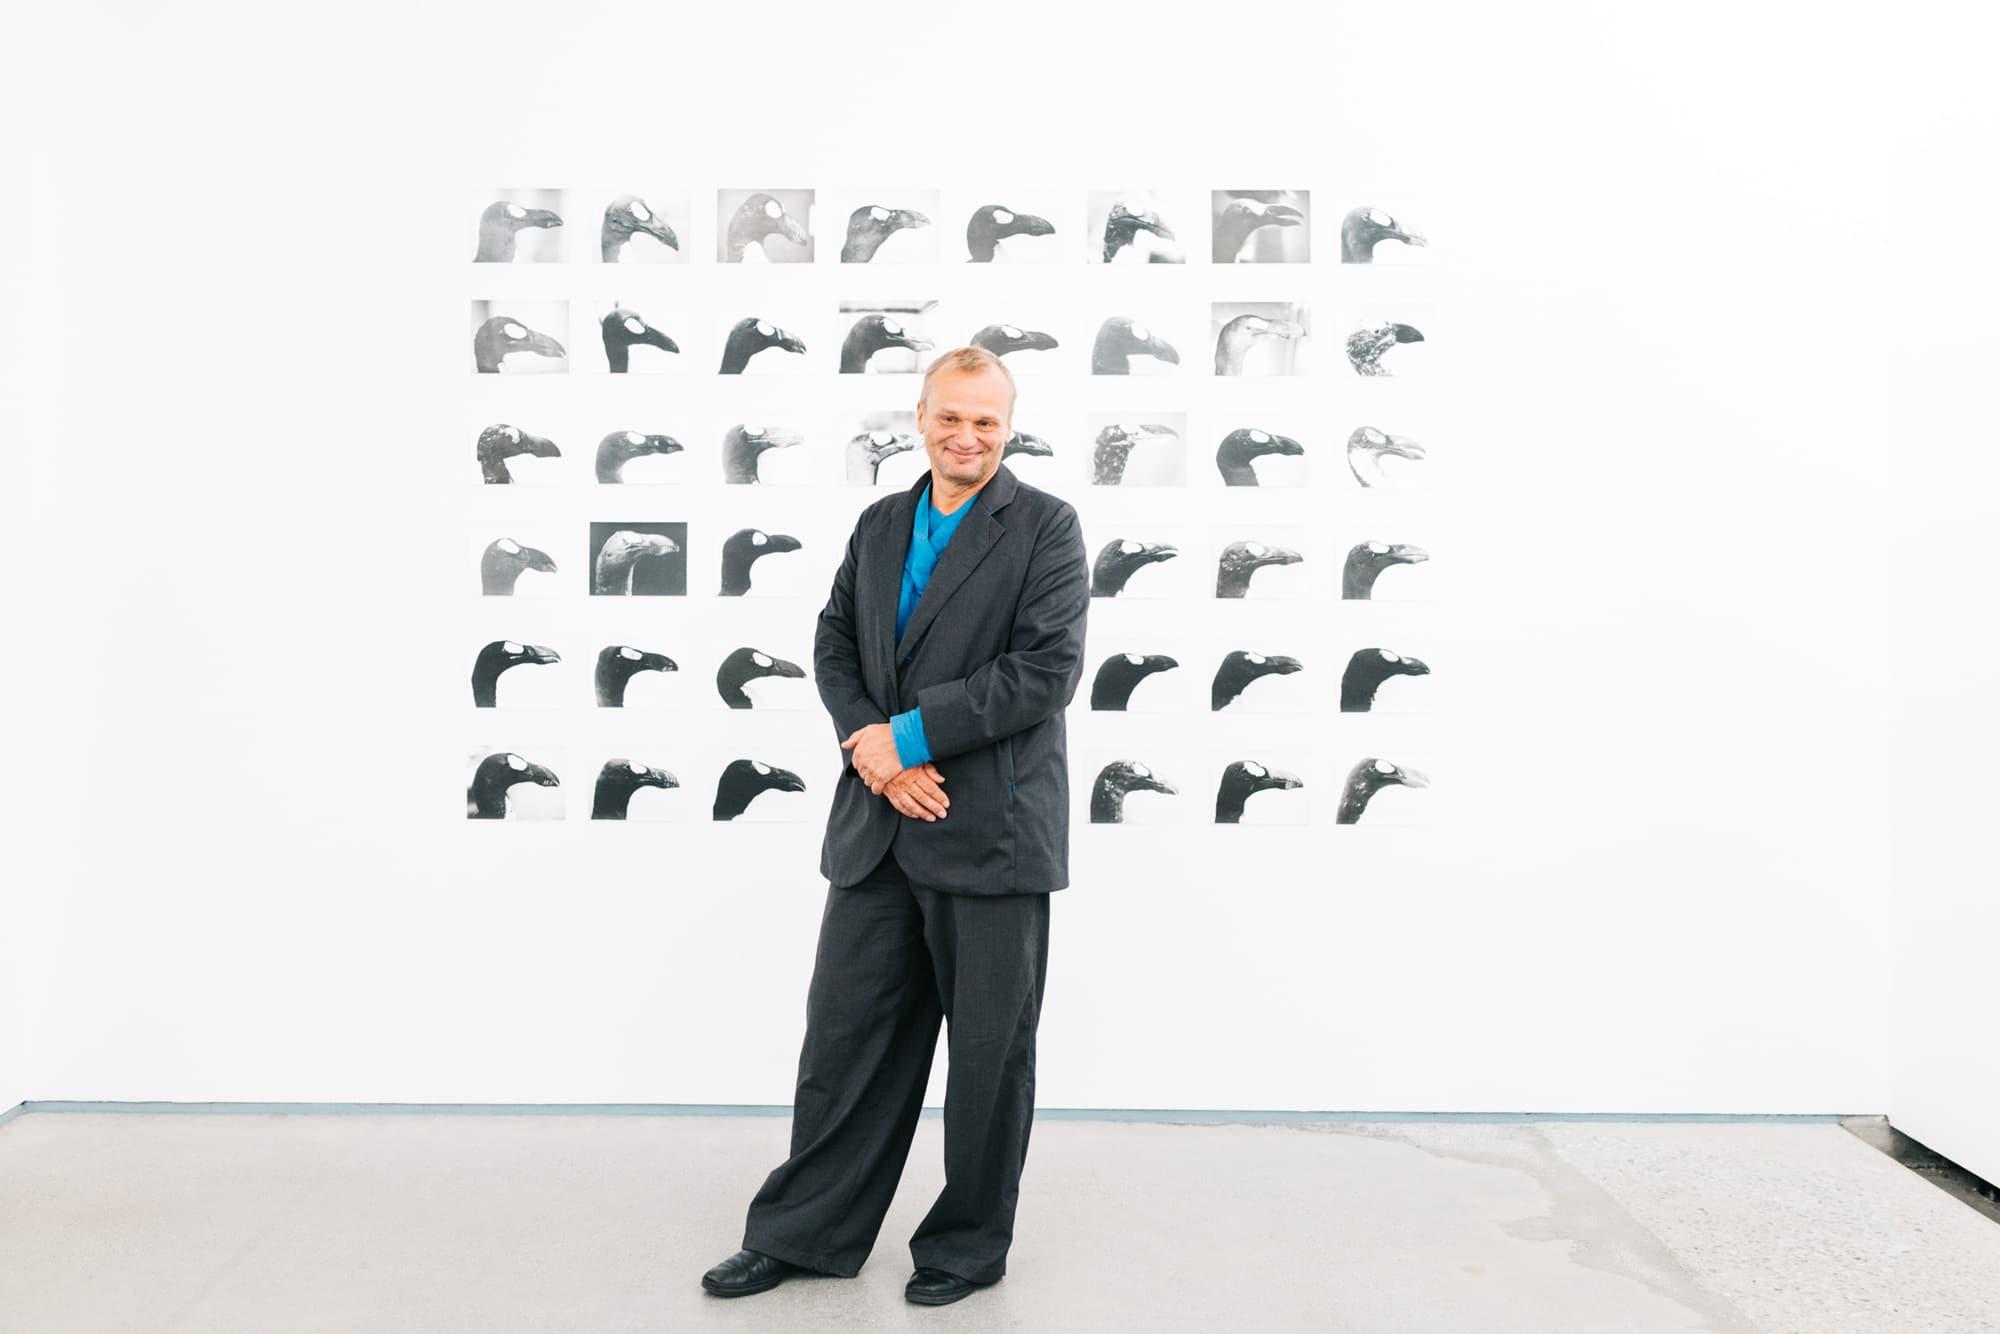 写真の常識を軽やかに超える、ヨヘン・レンペルトのしなやかで揺るぎない世界の秘密 | Jochen Lempert